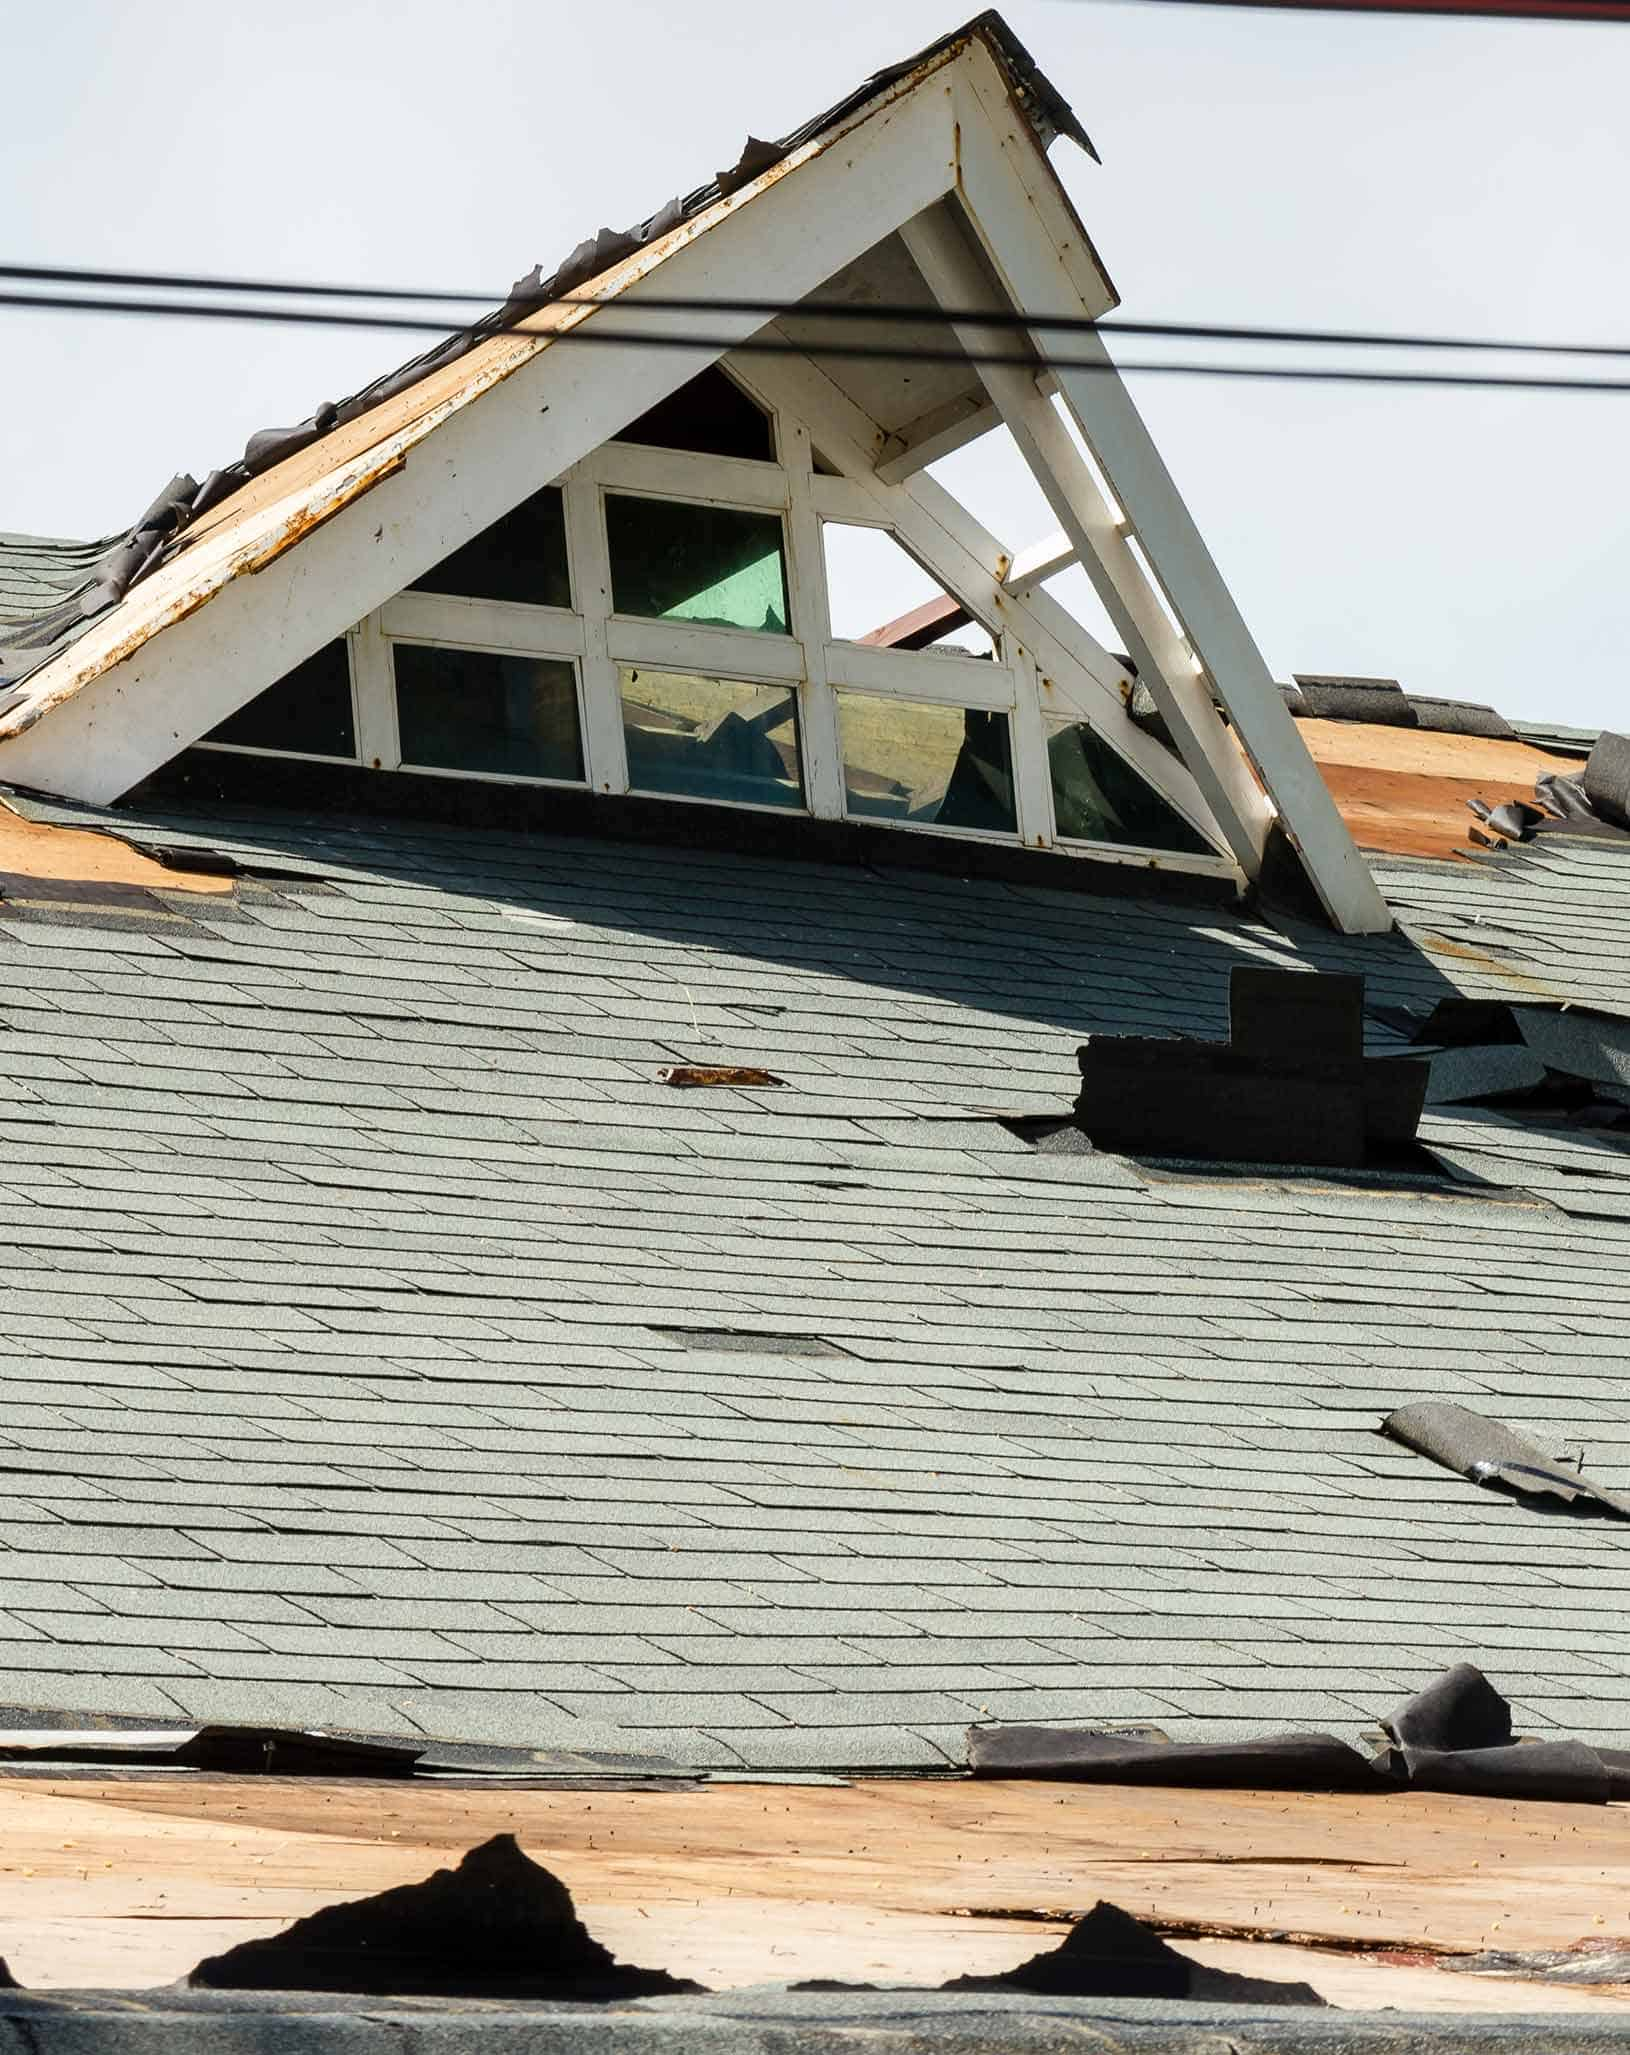 Joseph James Roof Storm Damage Repair